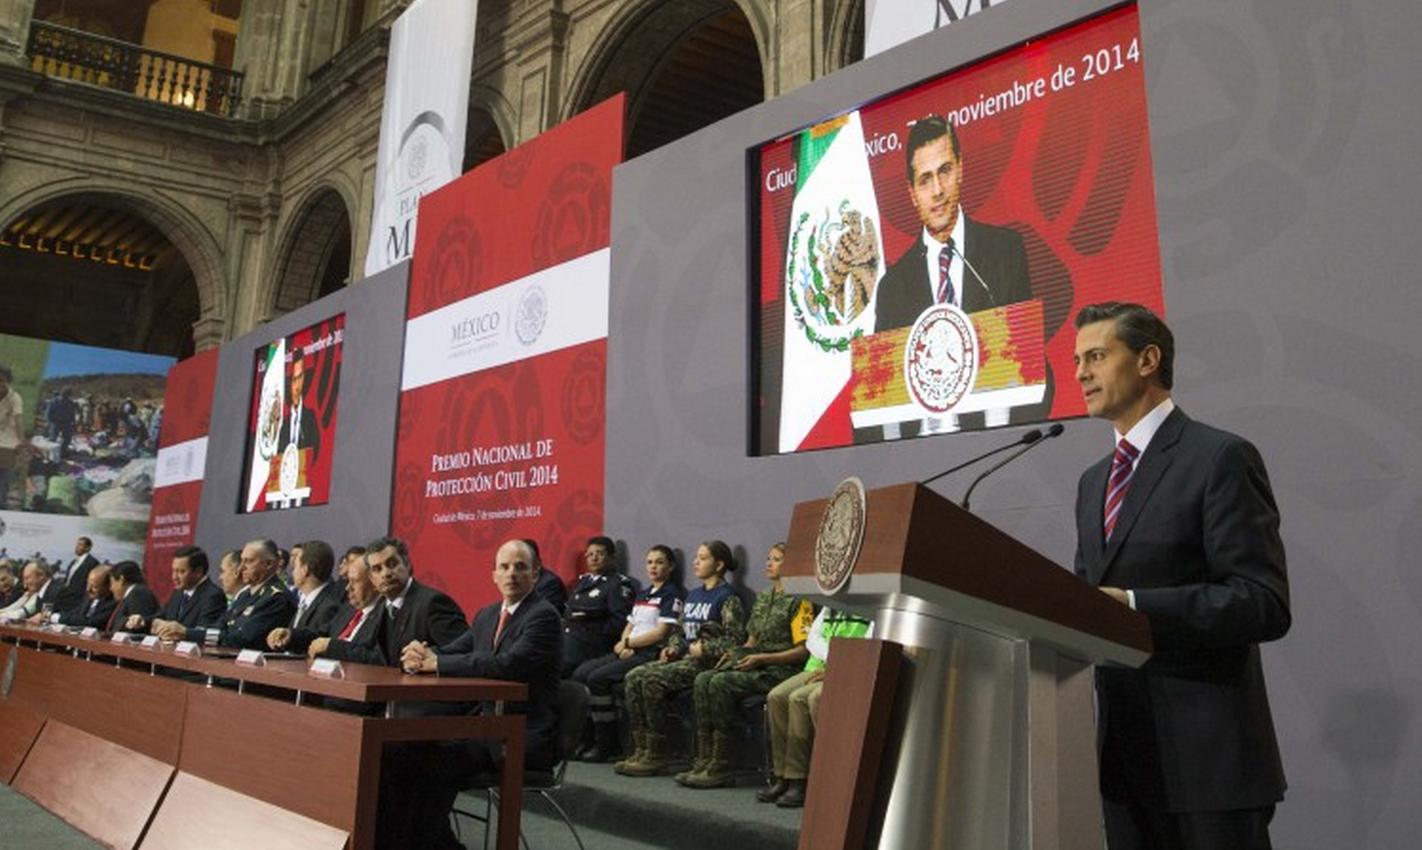 Equipo de Peña, confundido con promesa del Presidente